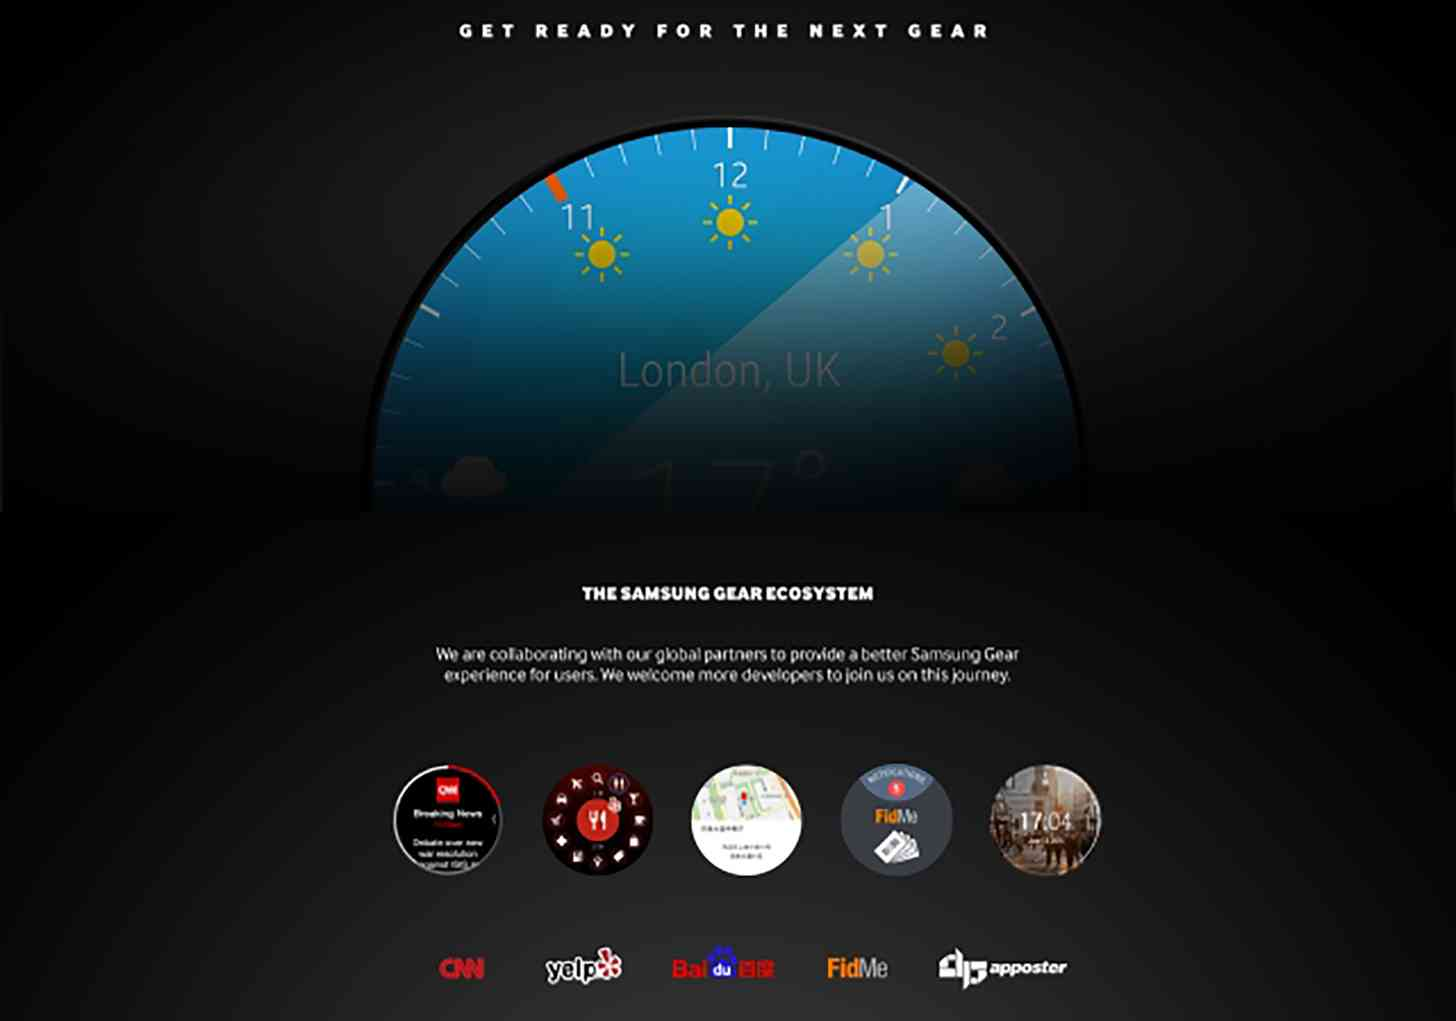 Samsung The New Gear teaser